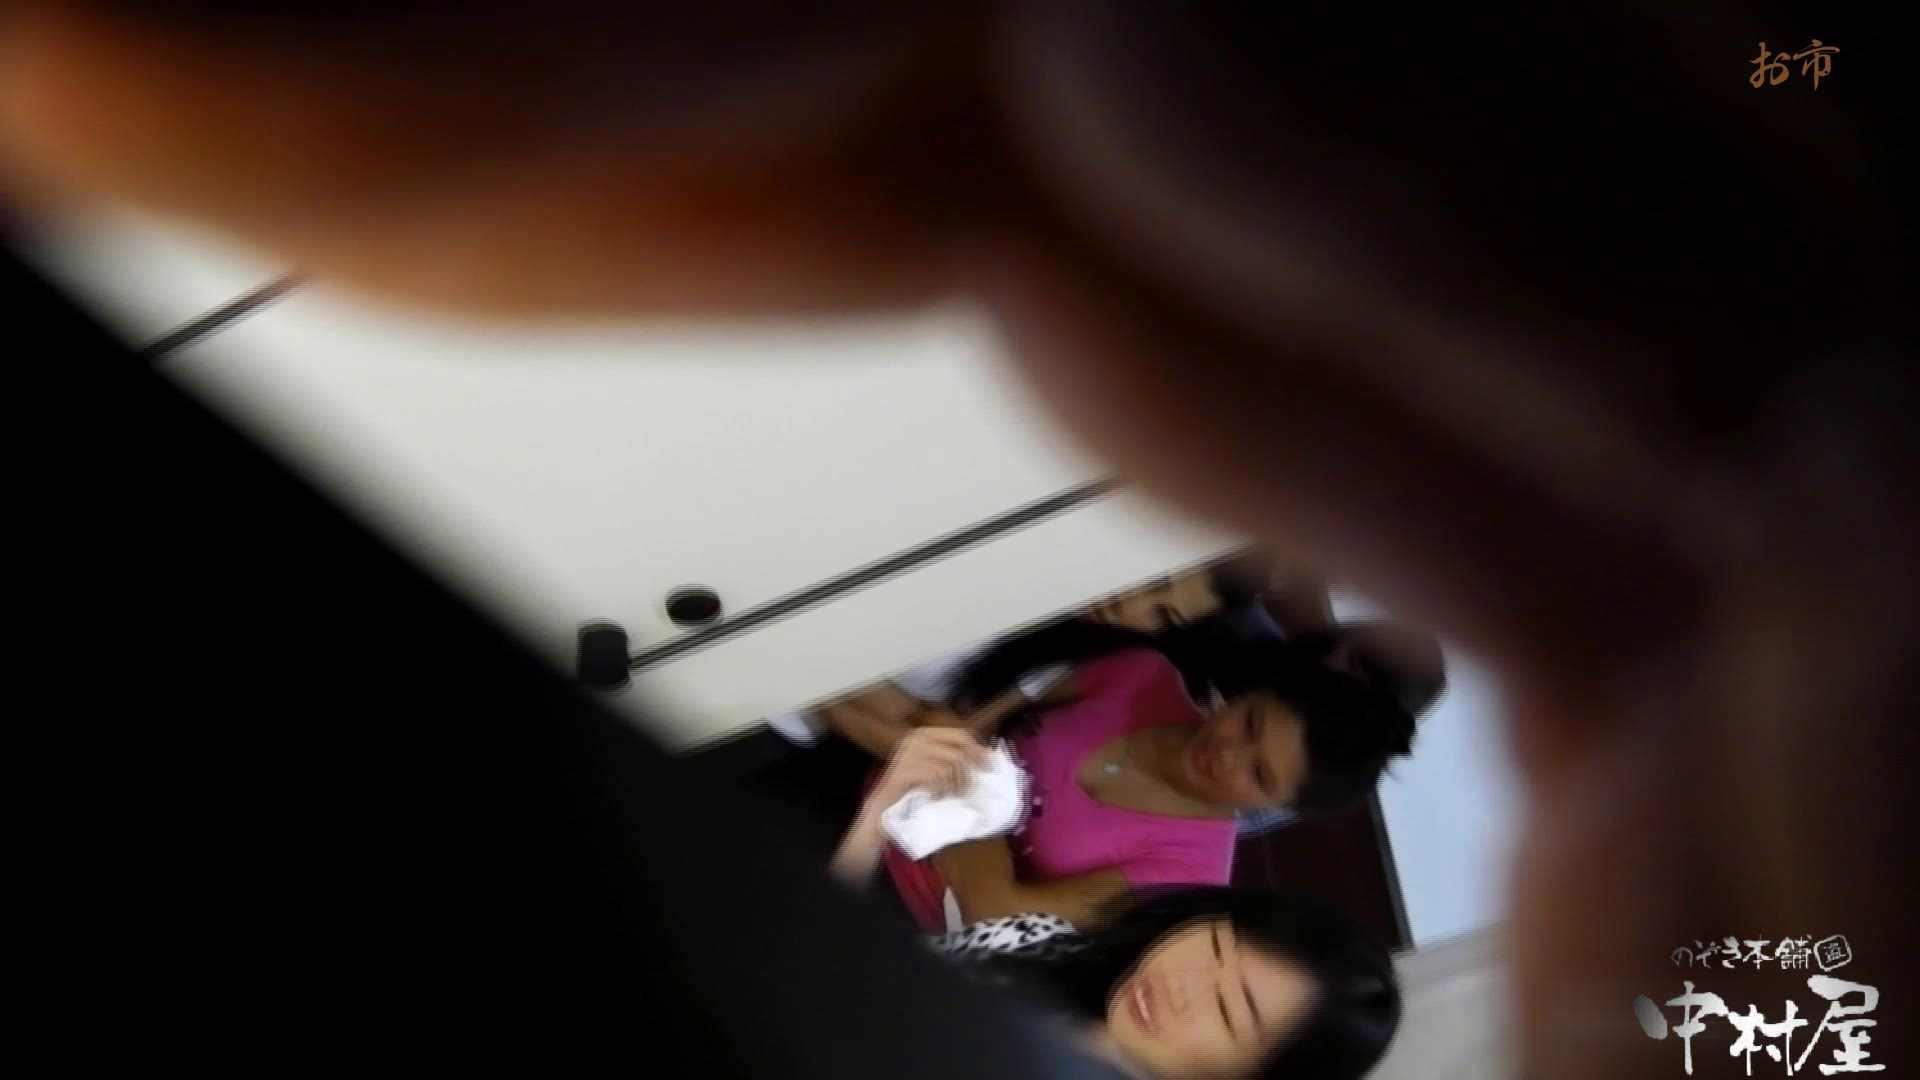 お市さんの「お尻丸出しジャンボリー」No.15 盗撮シリーズ ワレメ動画紹介 107PIX 2